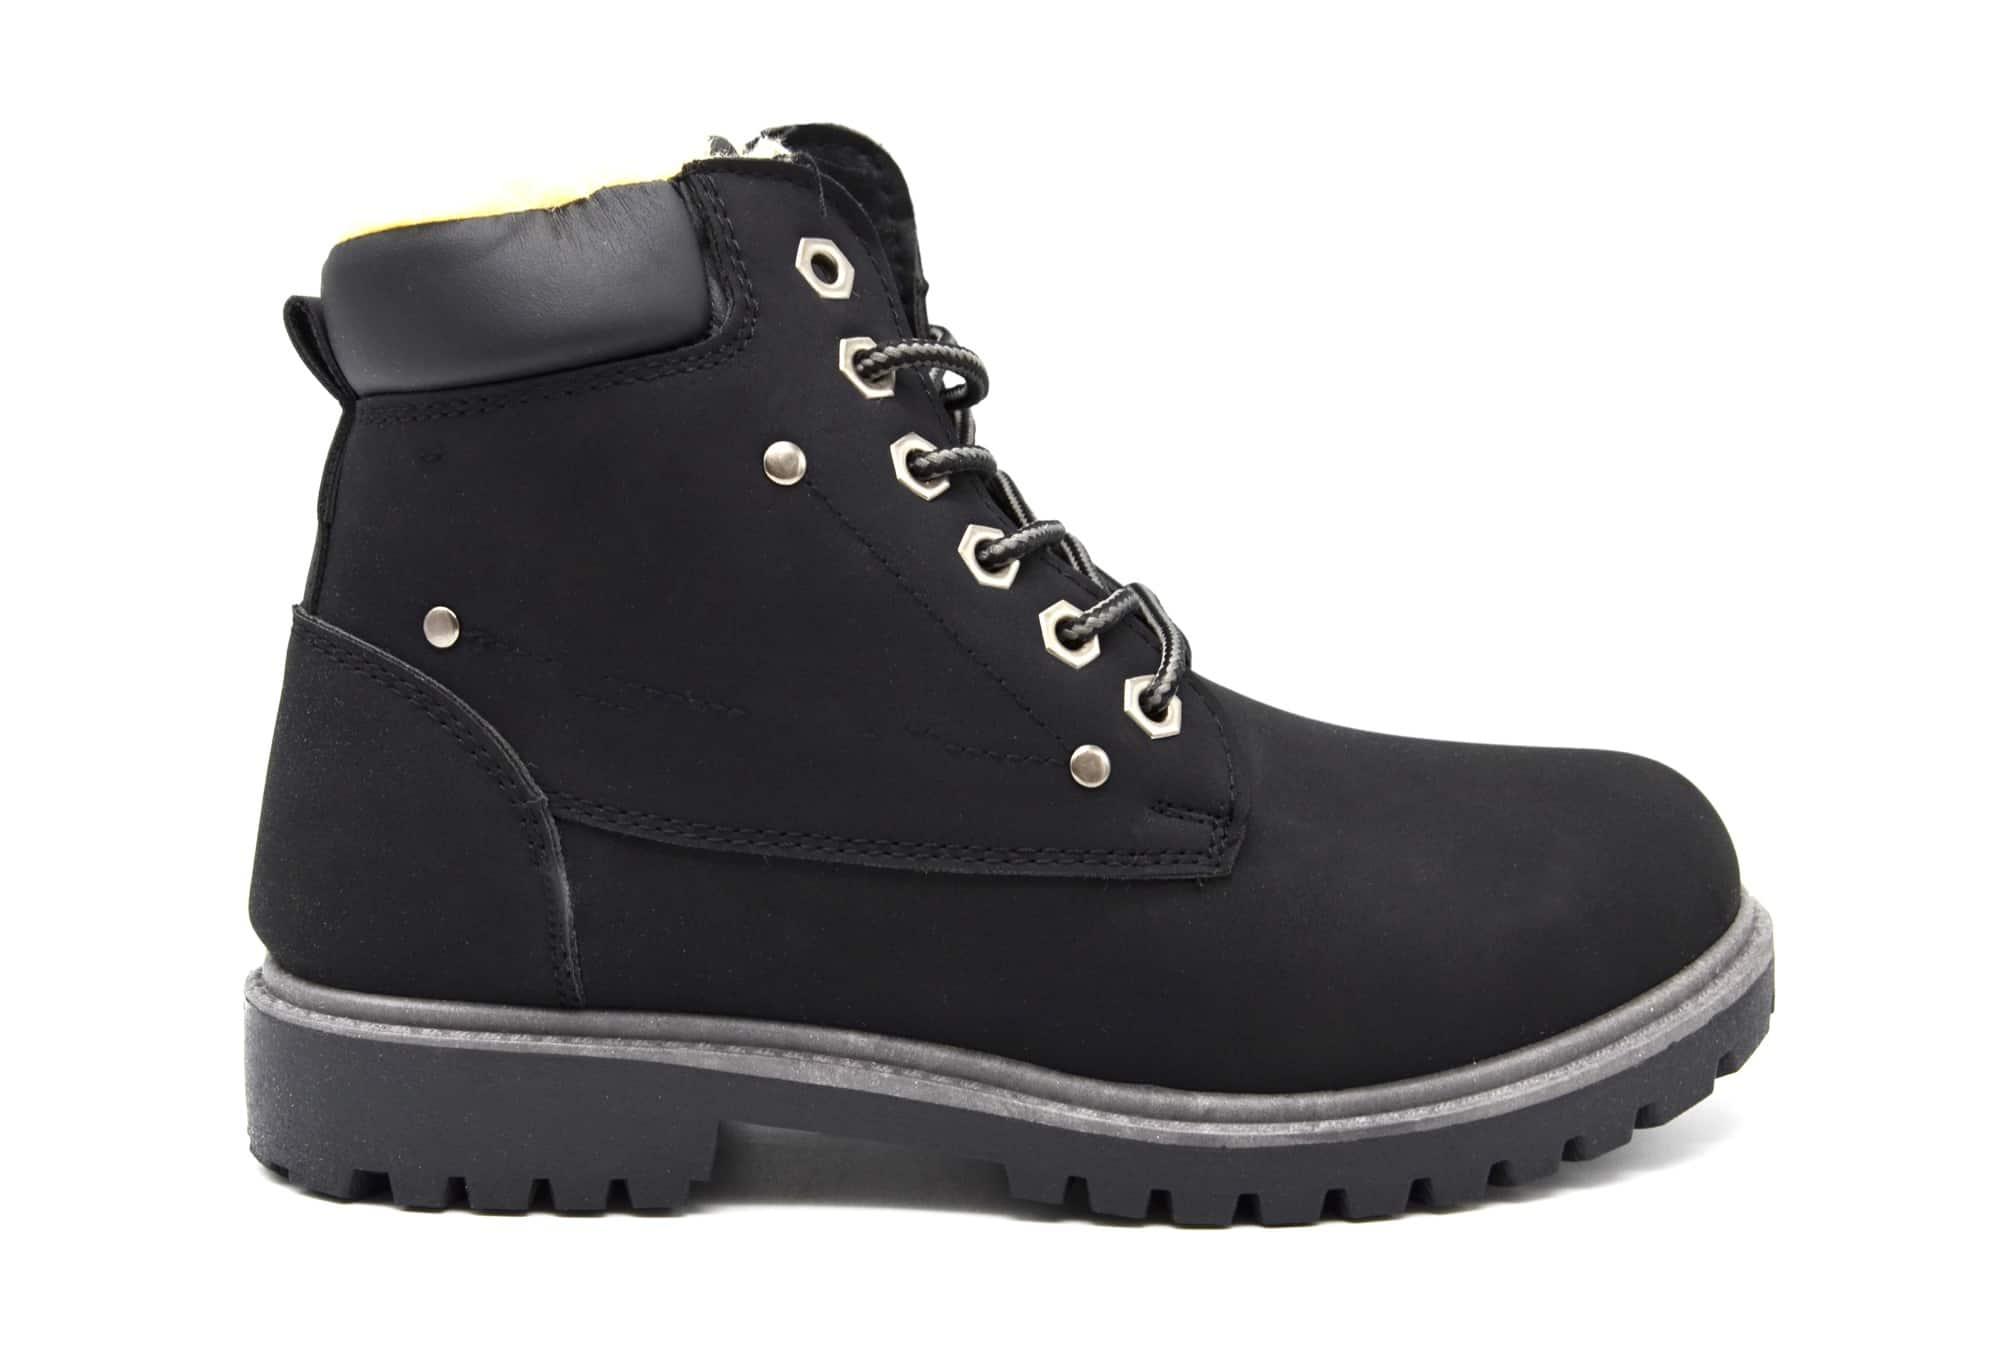 SHF101Bottines Boots avec Simili Randonnée Fourrée et Style CuirNoir Doublure L4Rq35Aj